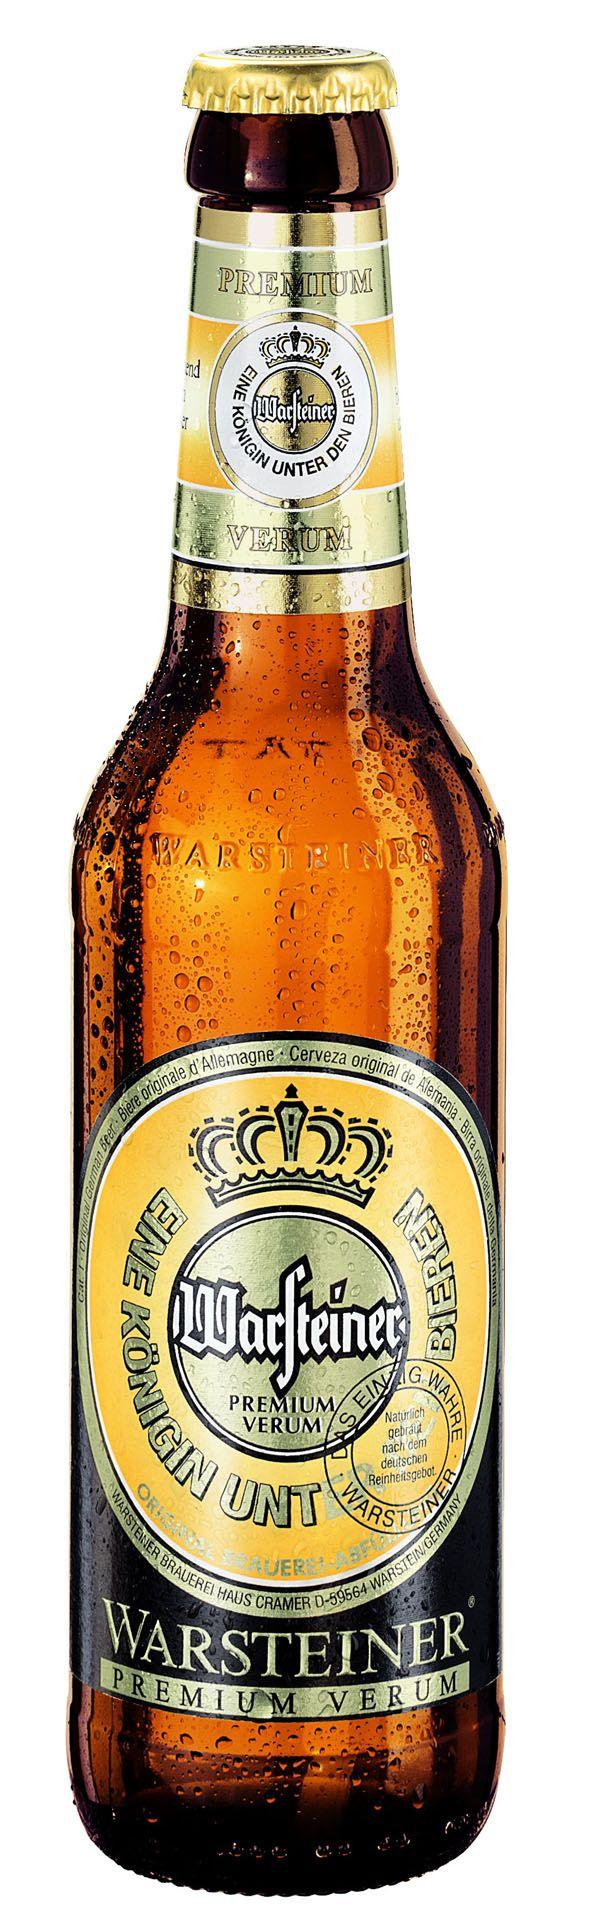 Warsteiner beer, Germany